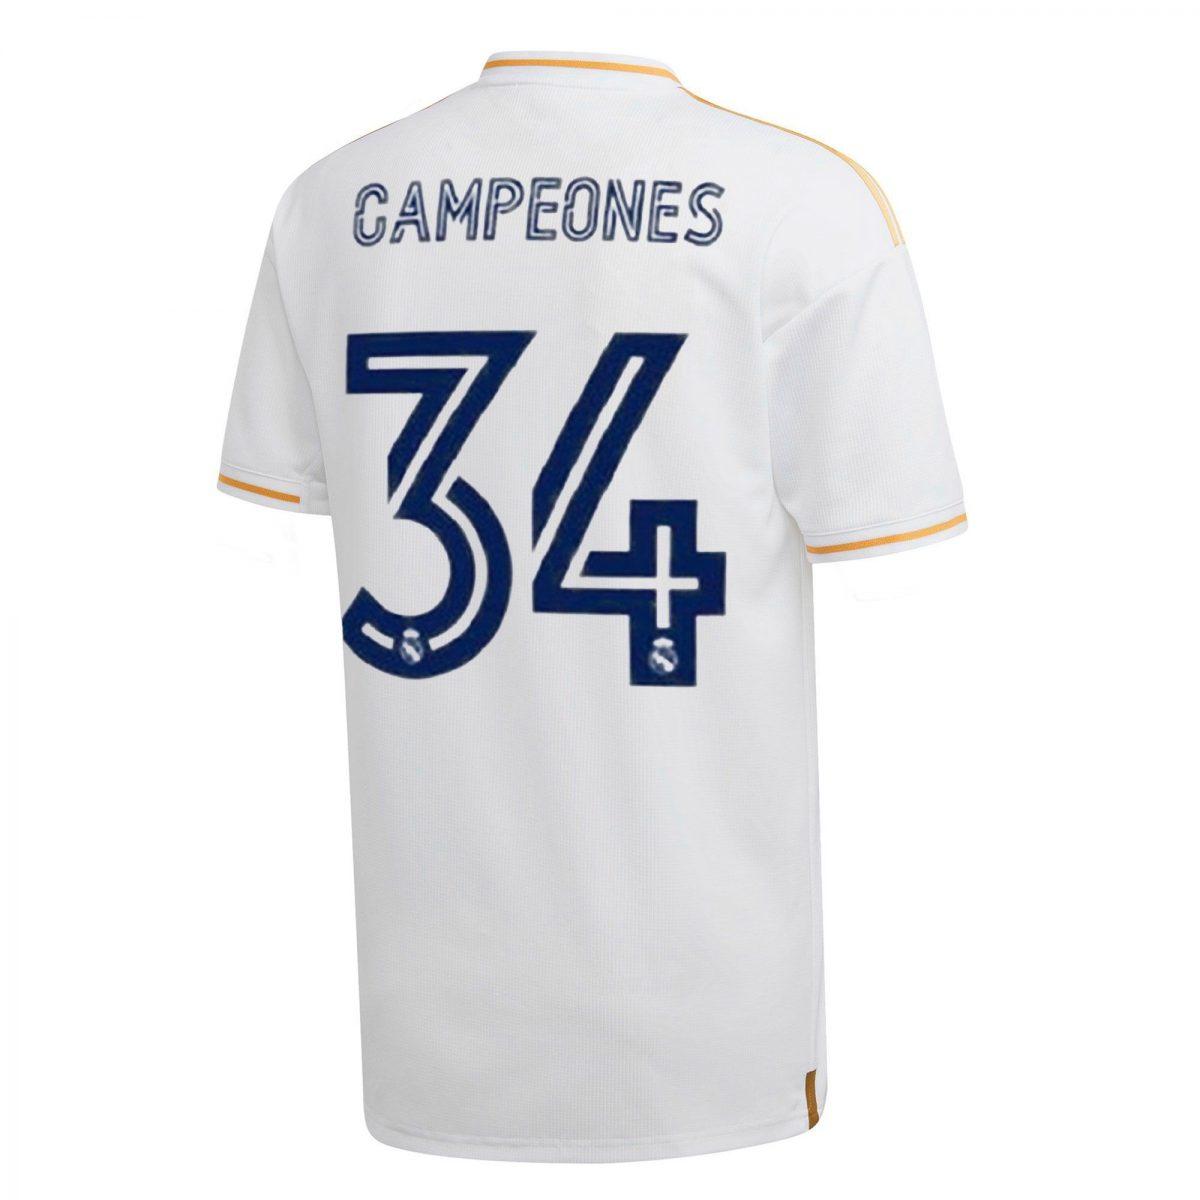 Camiseta Real Madrid Campeones barata scaled SuperChollos